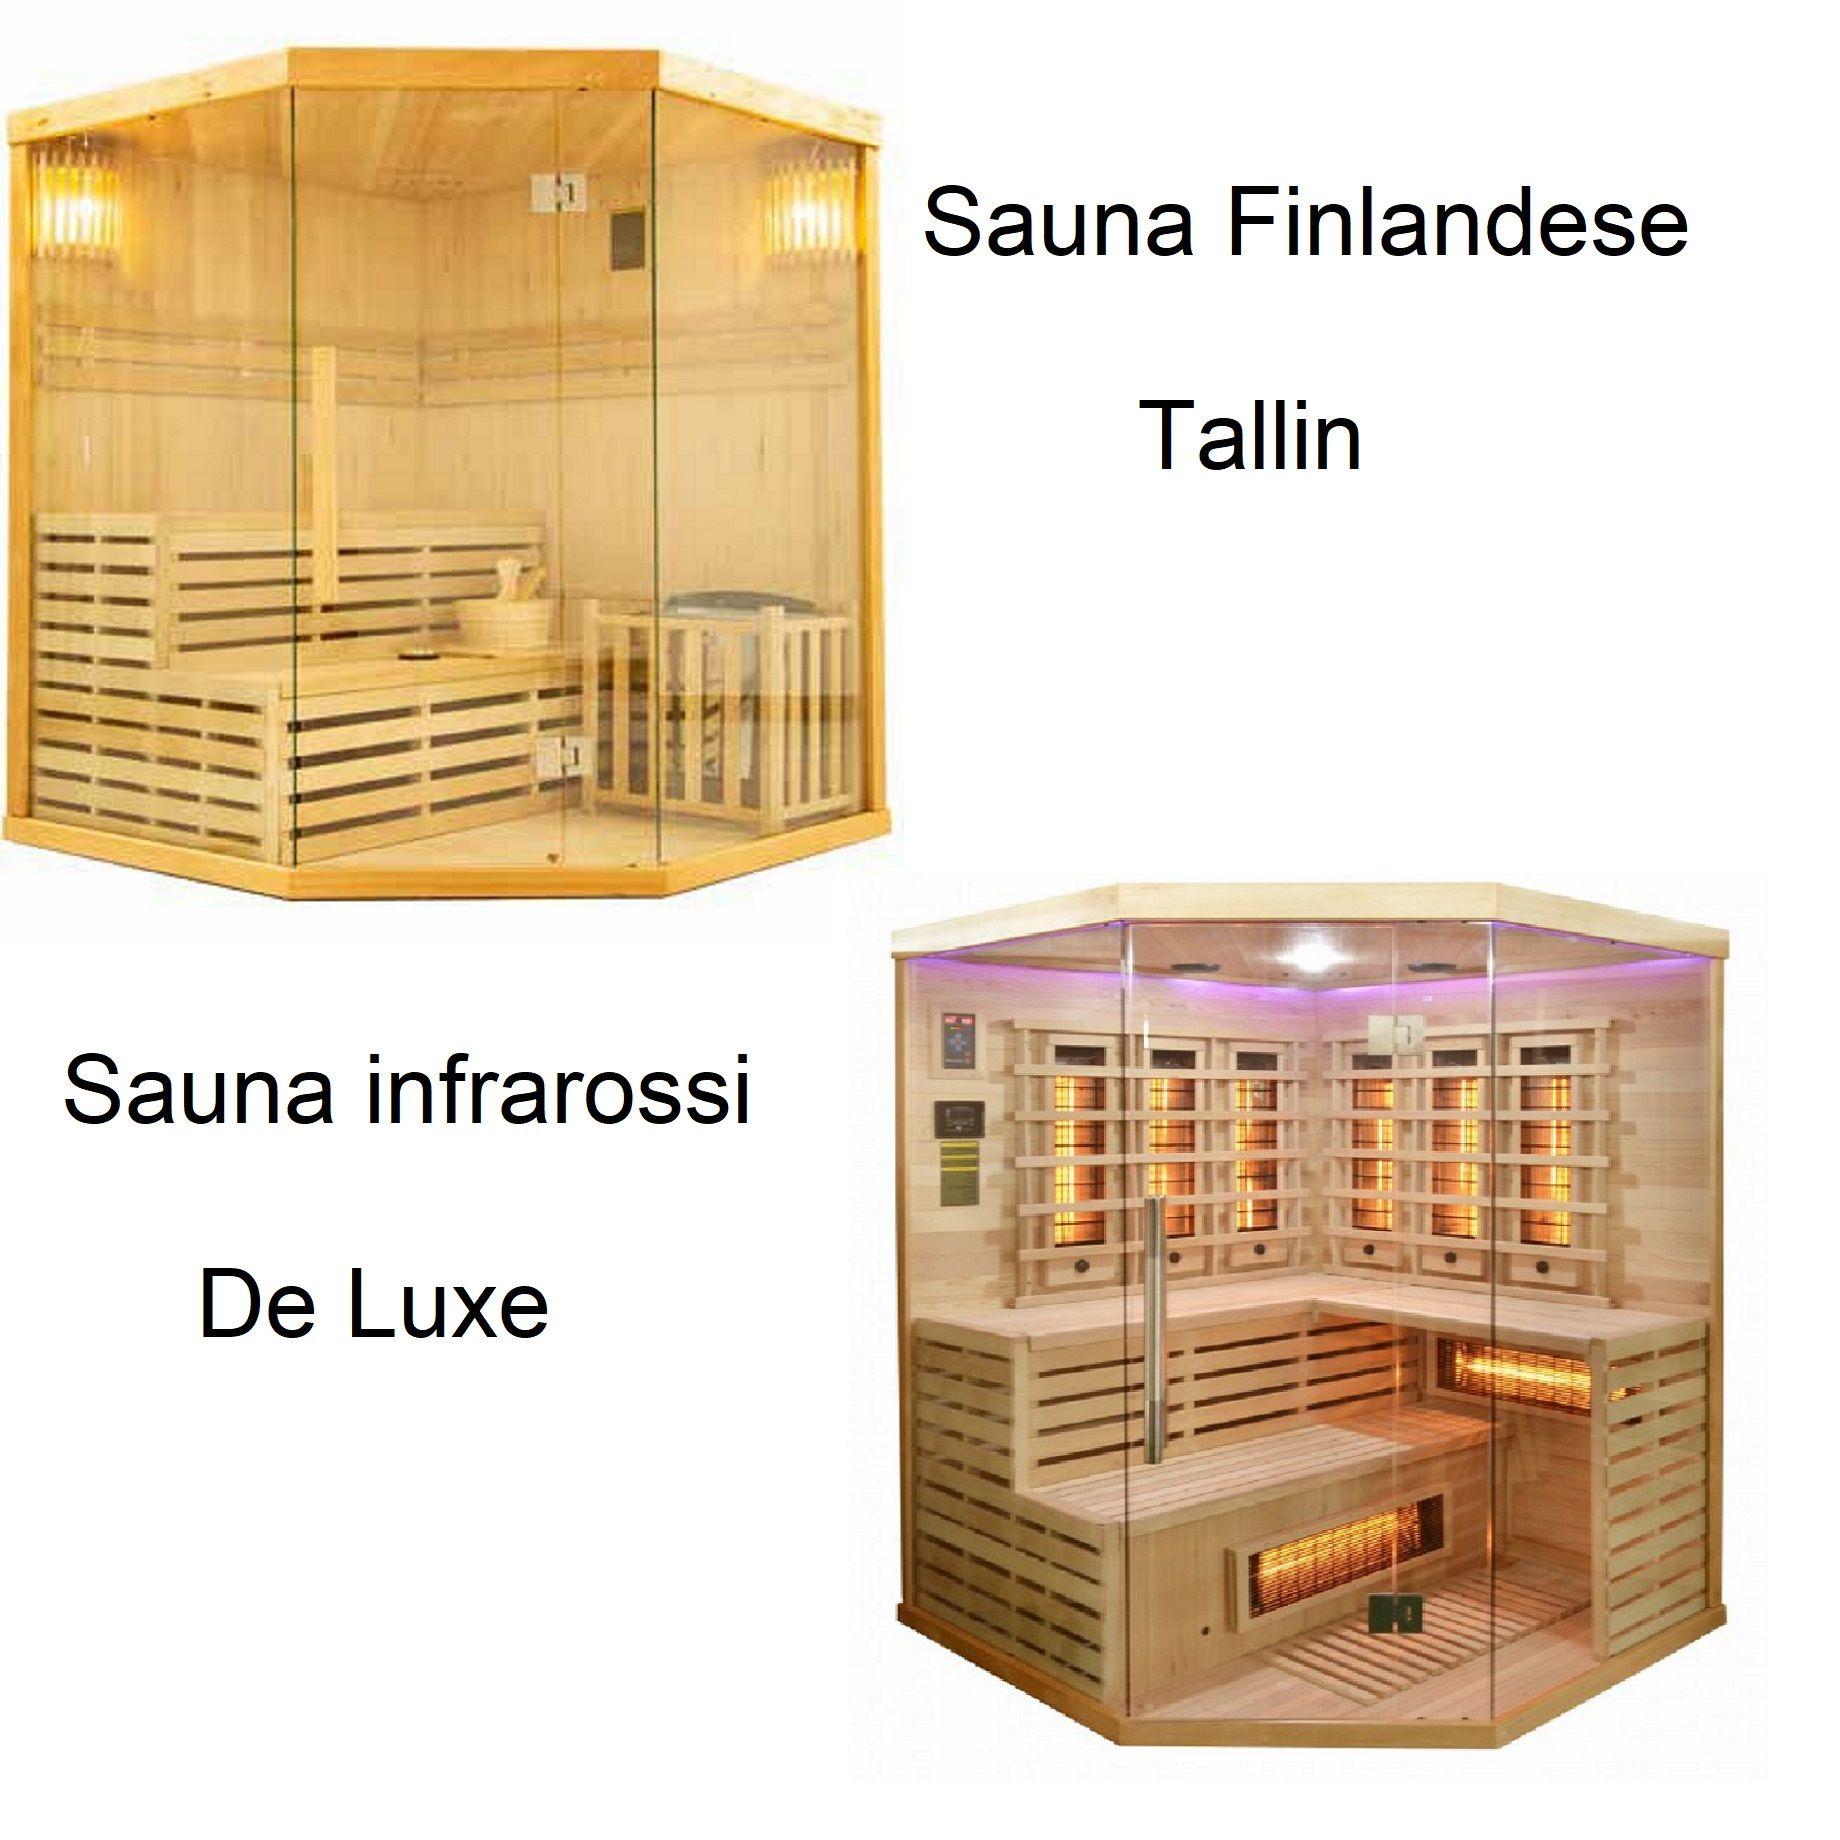 Saune infrarossi e finlandesi